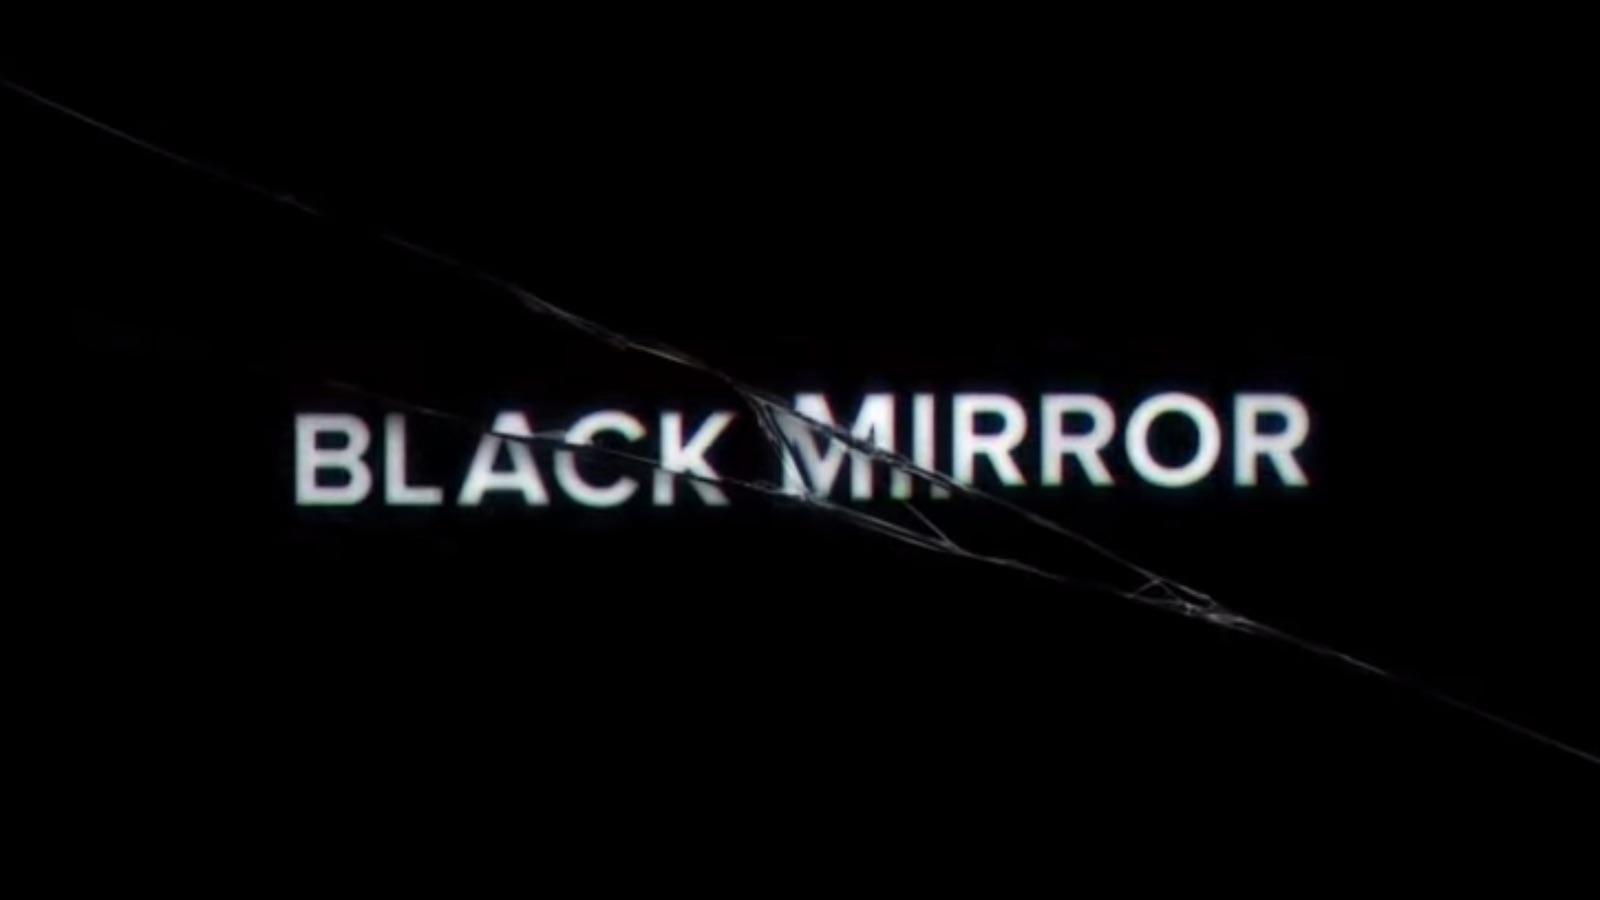 Czarne Lustro ma świetlaną przyszłość. Black Mirror oficjalnie z 5. sezonem